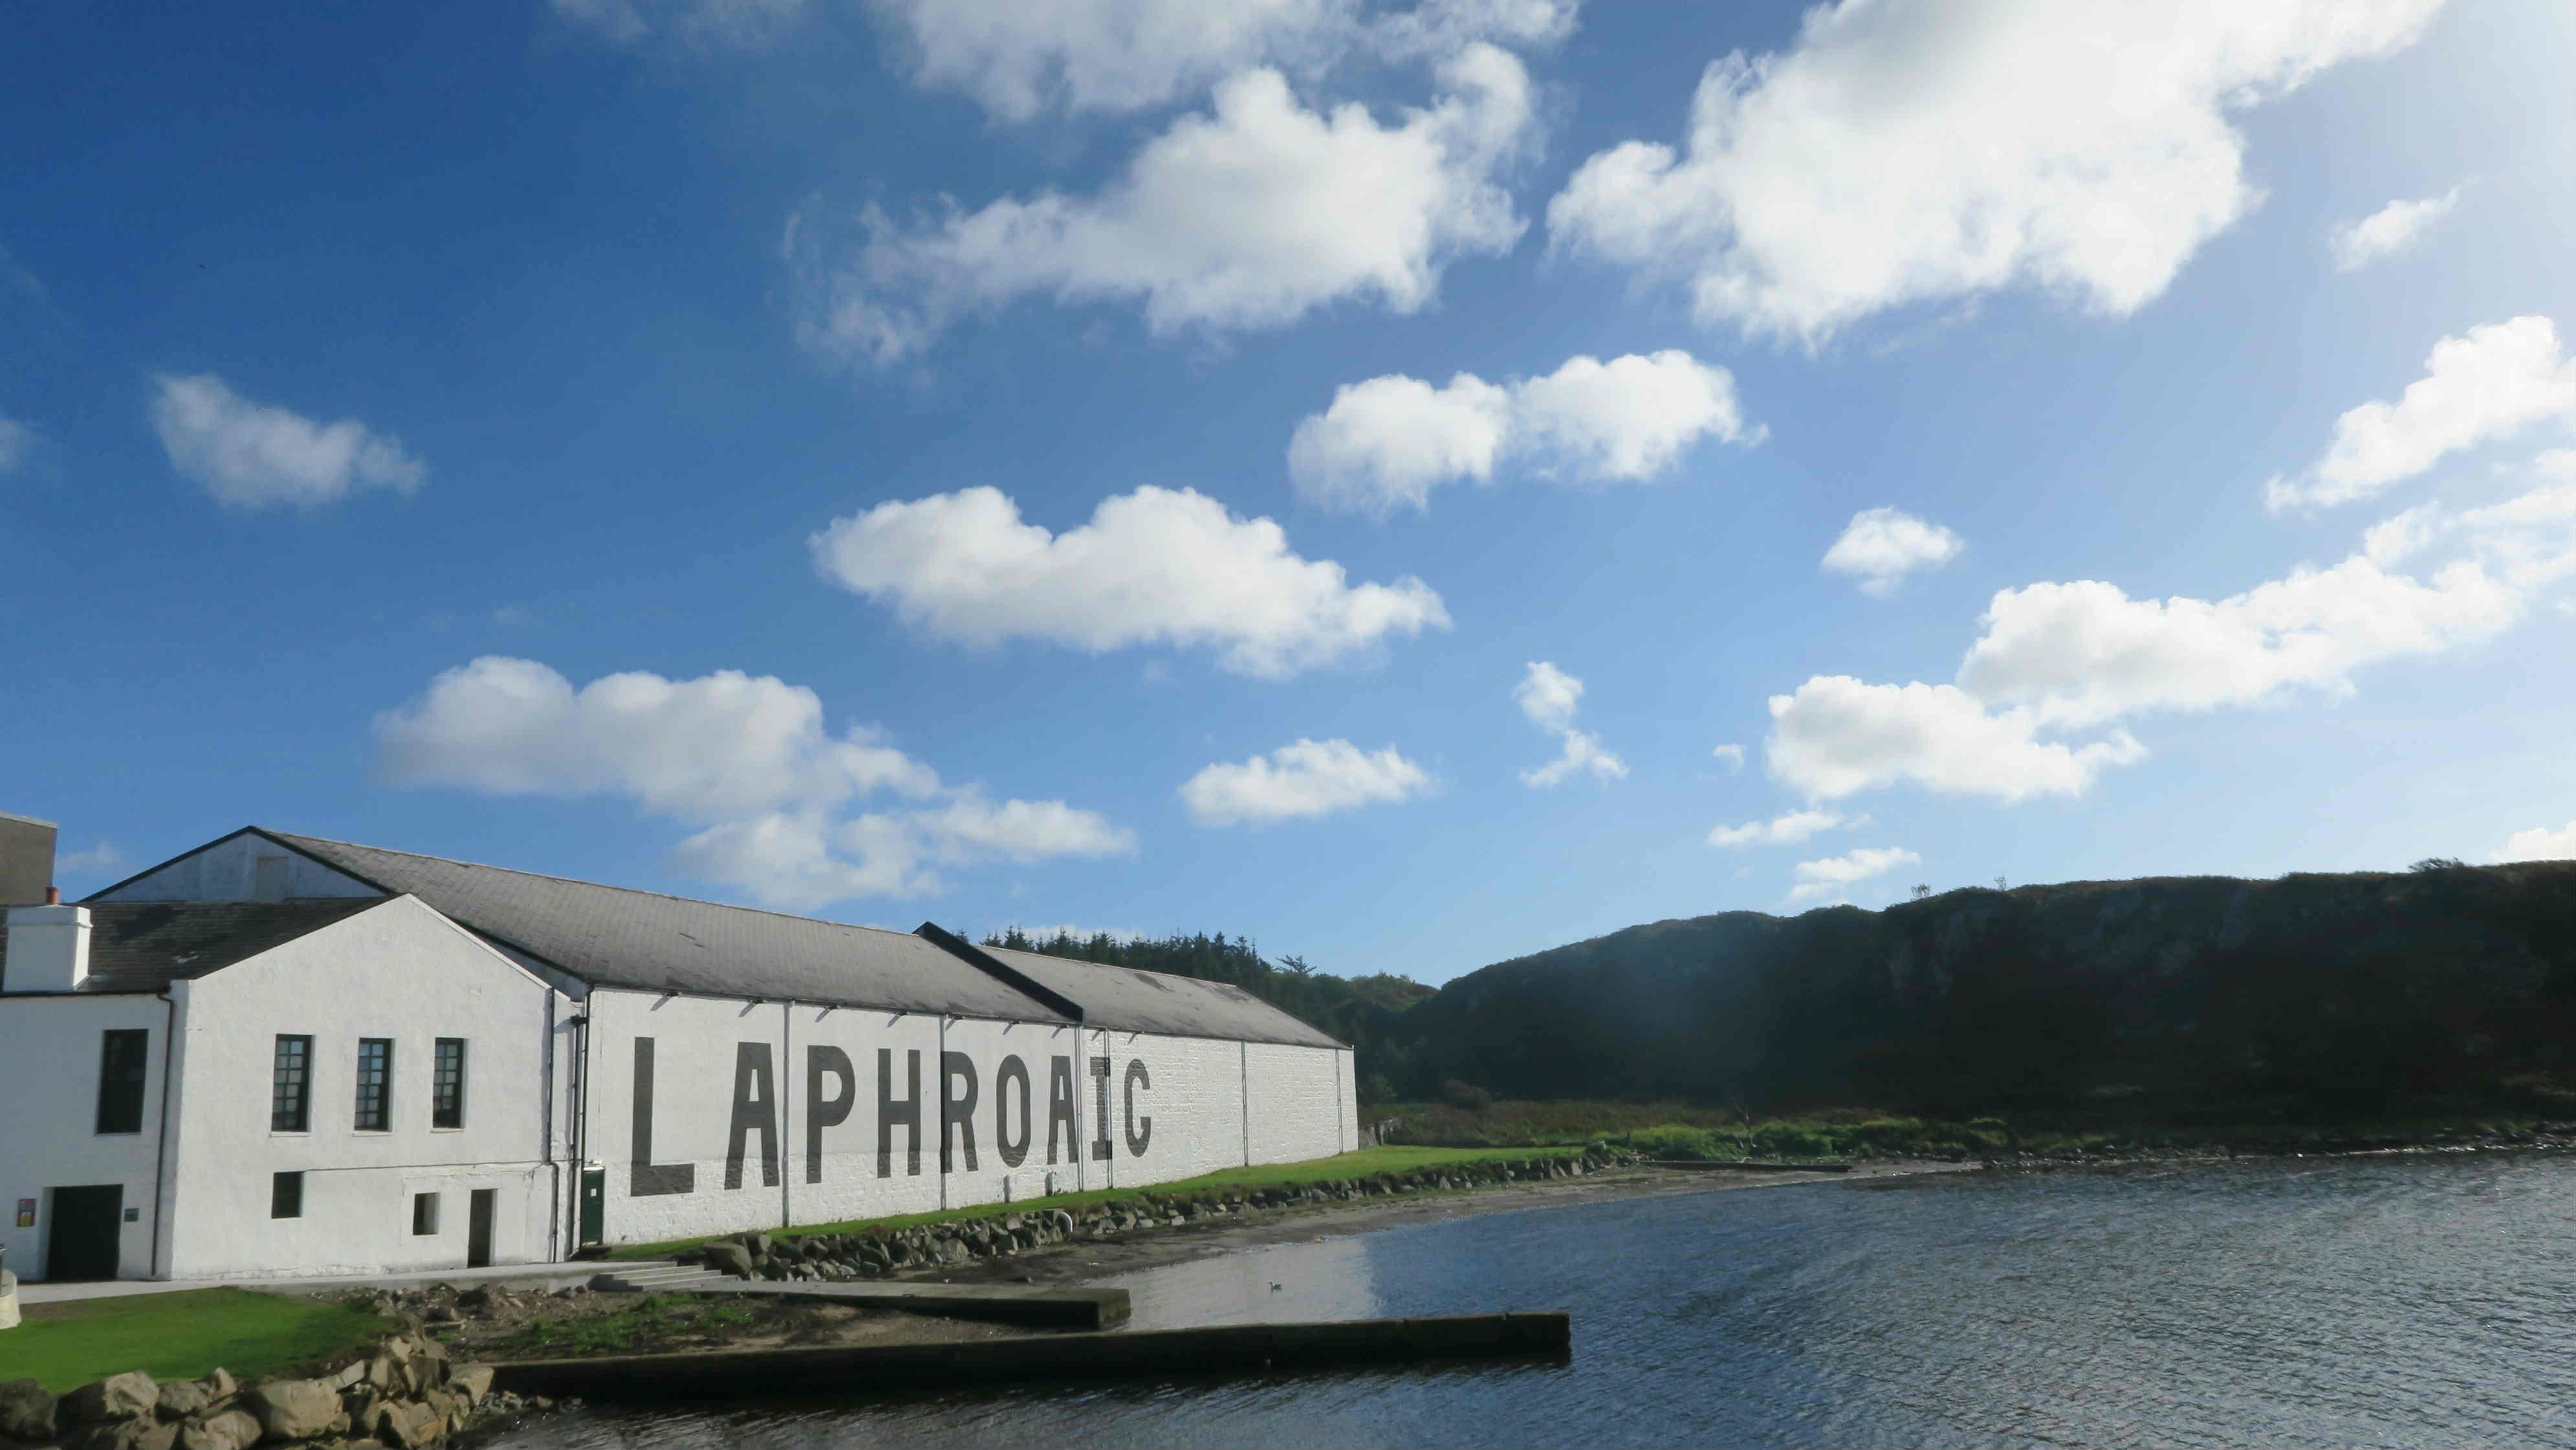 漆上品牌的全白酒窖建築,可說是艾雷島蒸餾廠的經典建築設計,在已往依靠船運的年代,白底黑字的醒目外牆讓船在遠遠已經看見酒廠。